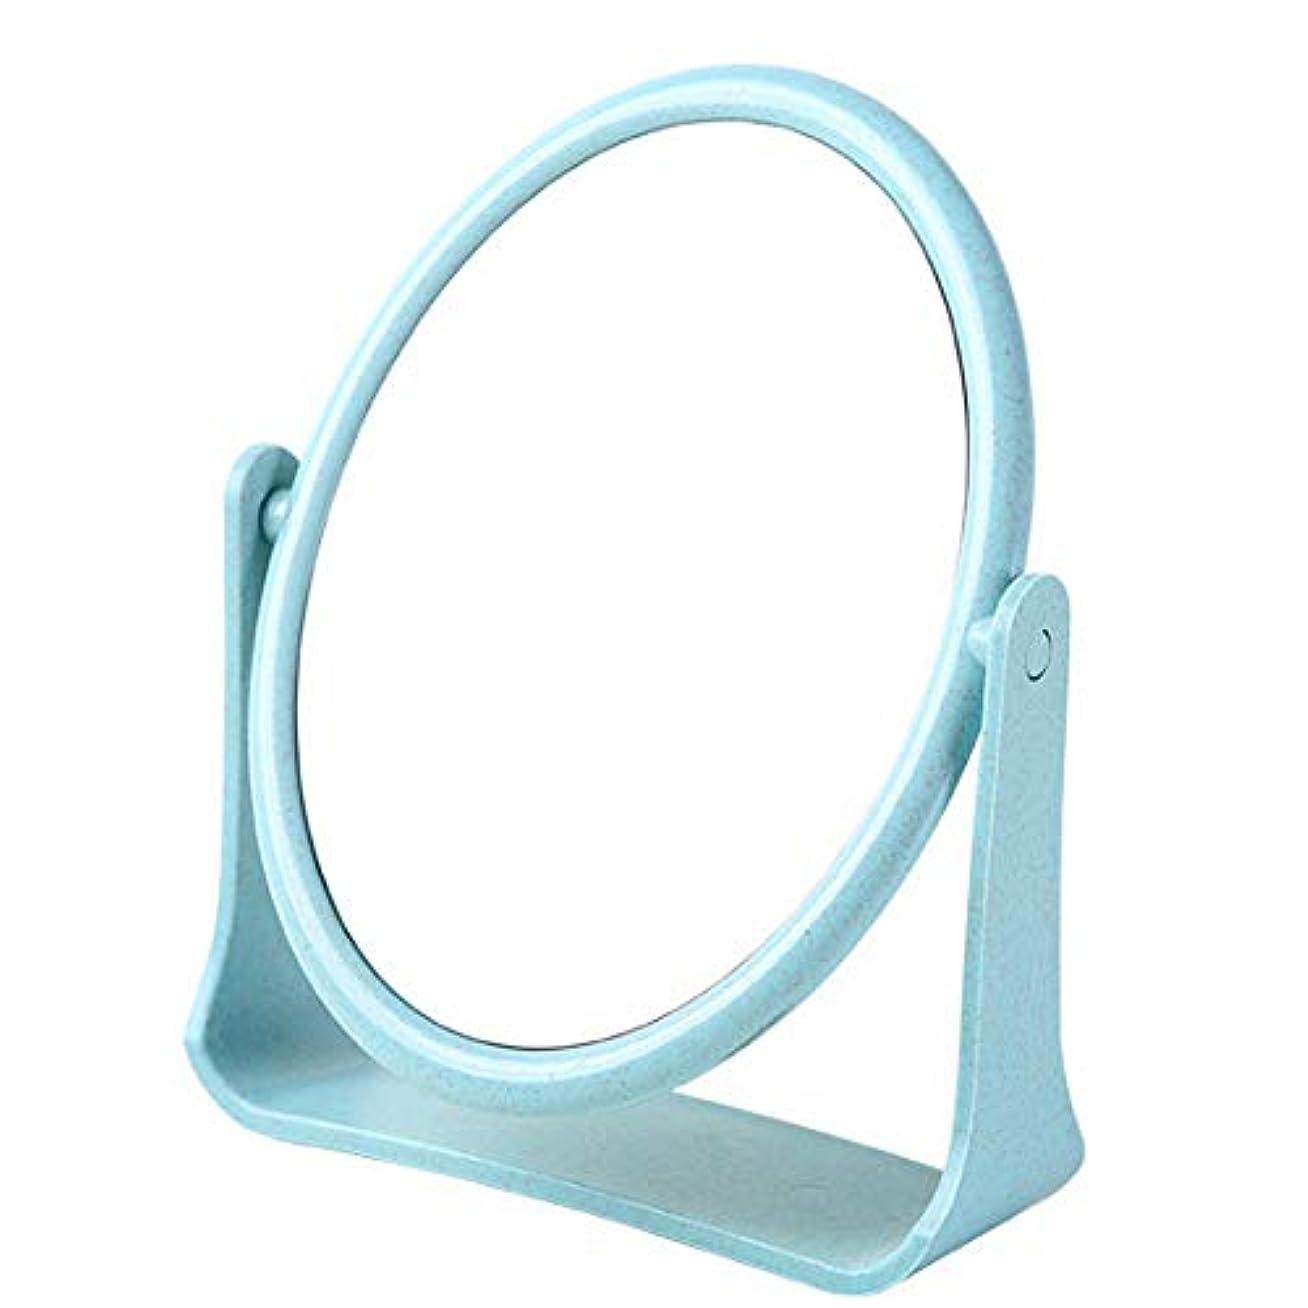 関数過去スクランブル化粧鏡 360度回転 スタンドミラー メイク両面鏡 ポータブル 多角度転換可能円形のカウンタートップ (ブルー)